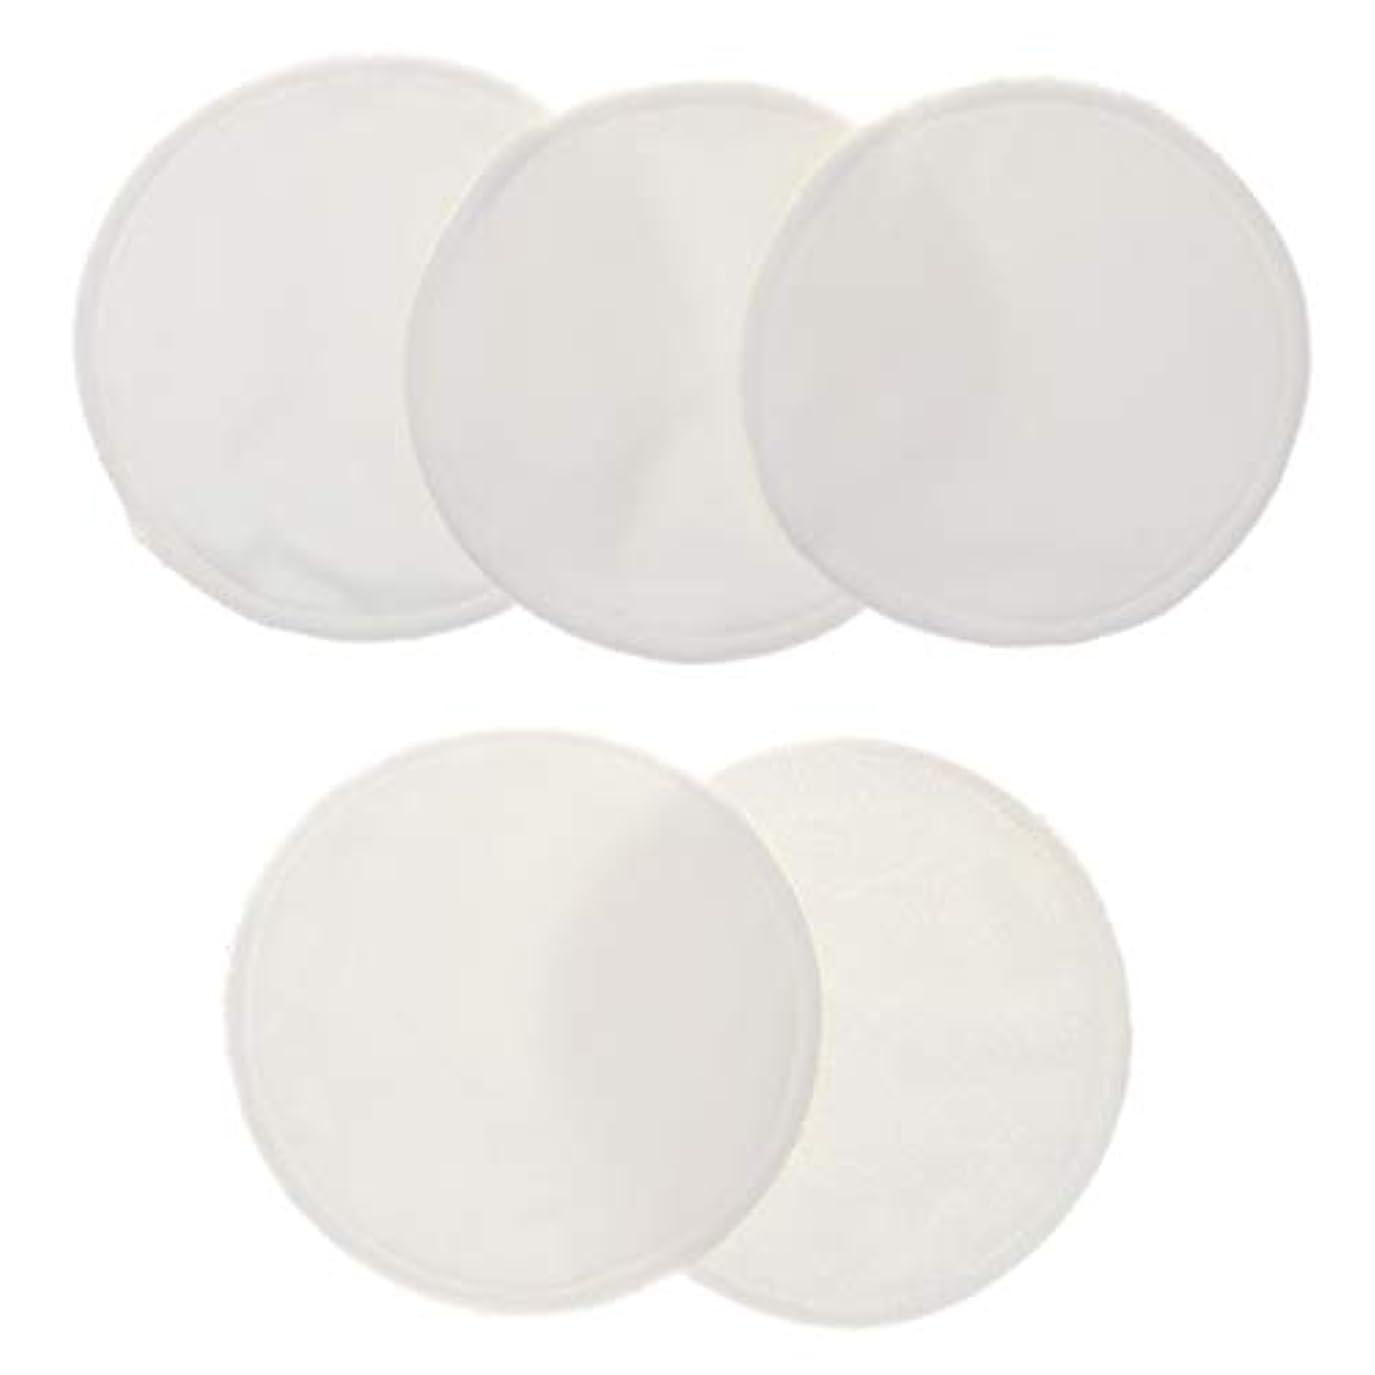 野心全滅させる浸漬CUTICATE 5個 クレンジングシート 胸パッド 化粧用 竹繊維 円形 12cm 洗える 再使用可能 耐久性 全5色 - 白